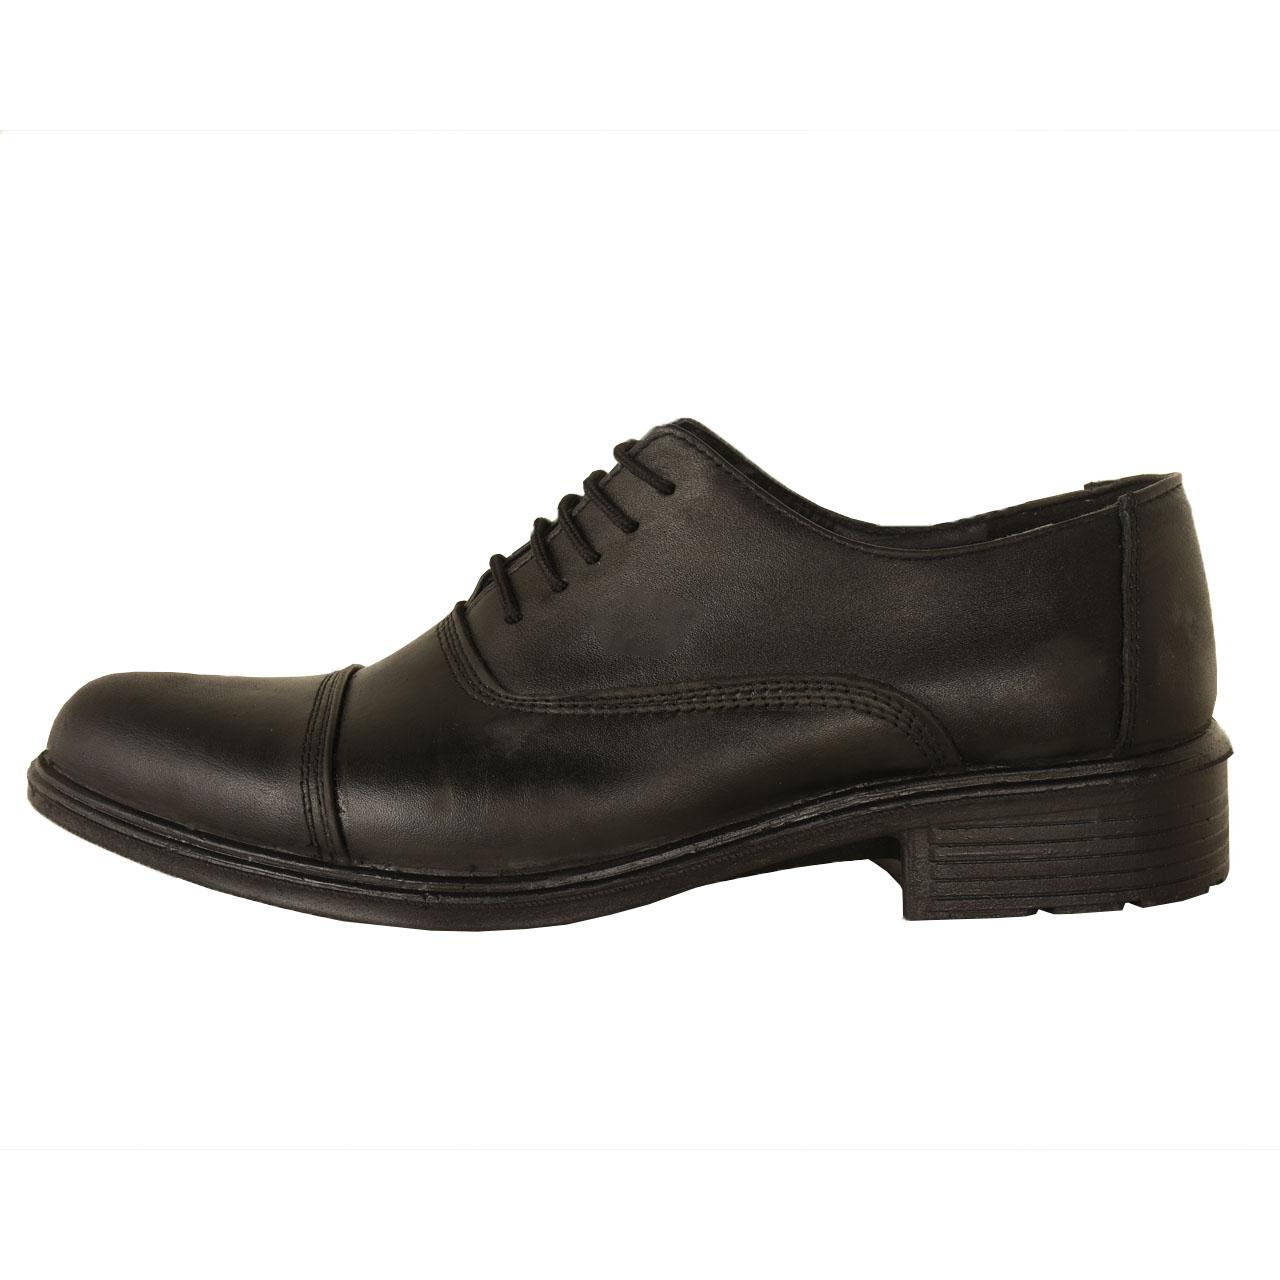 کفش مردانه پارینه مدل SHO130